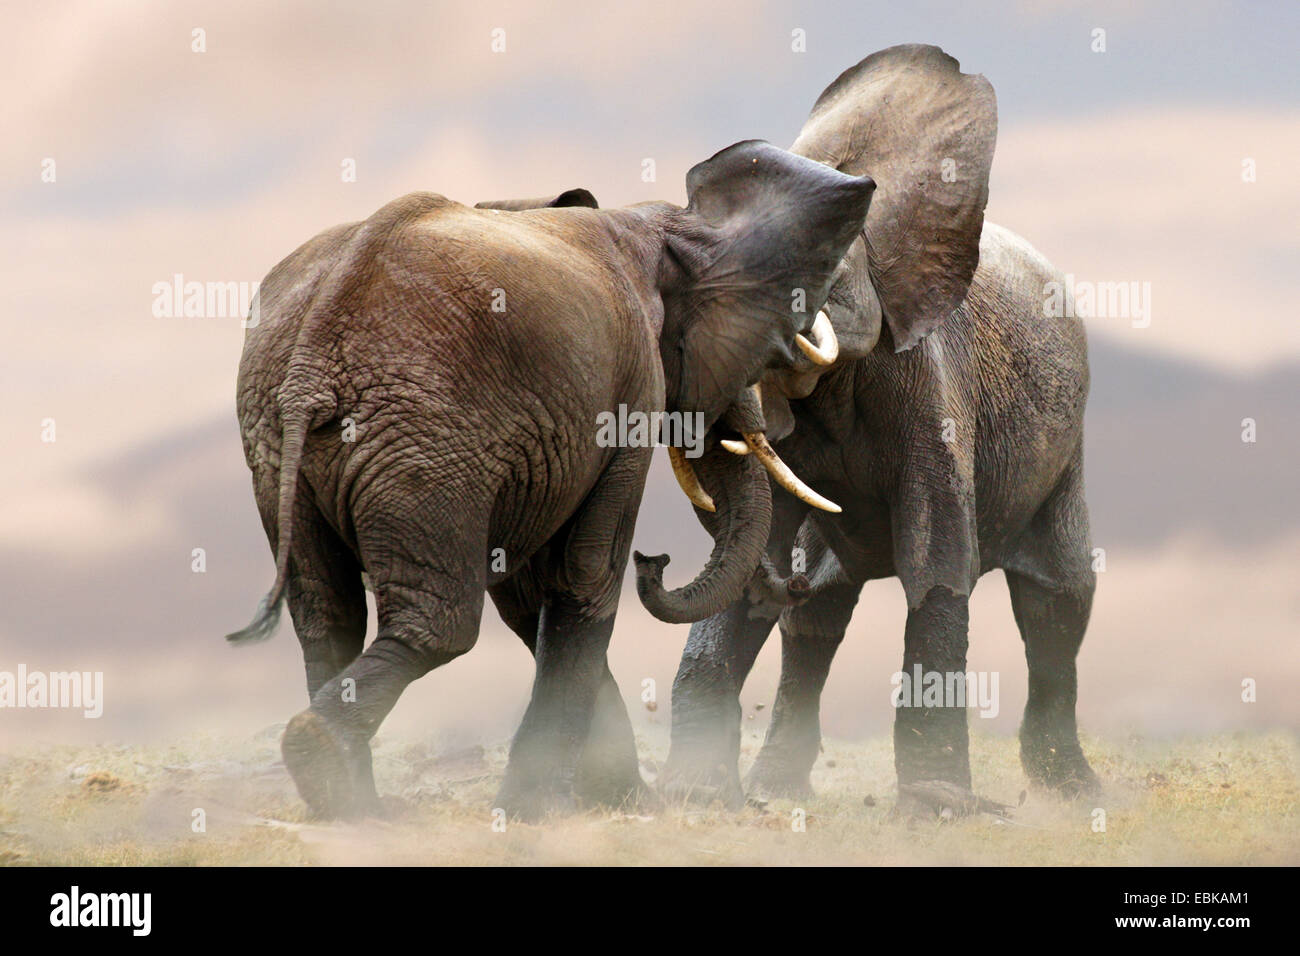 L'éléphant africain (Loxodonta africana), deux éléphants ensemble bagarre, Kenya, Amboseli Photo Stock